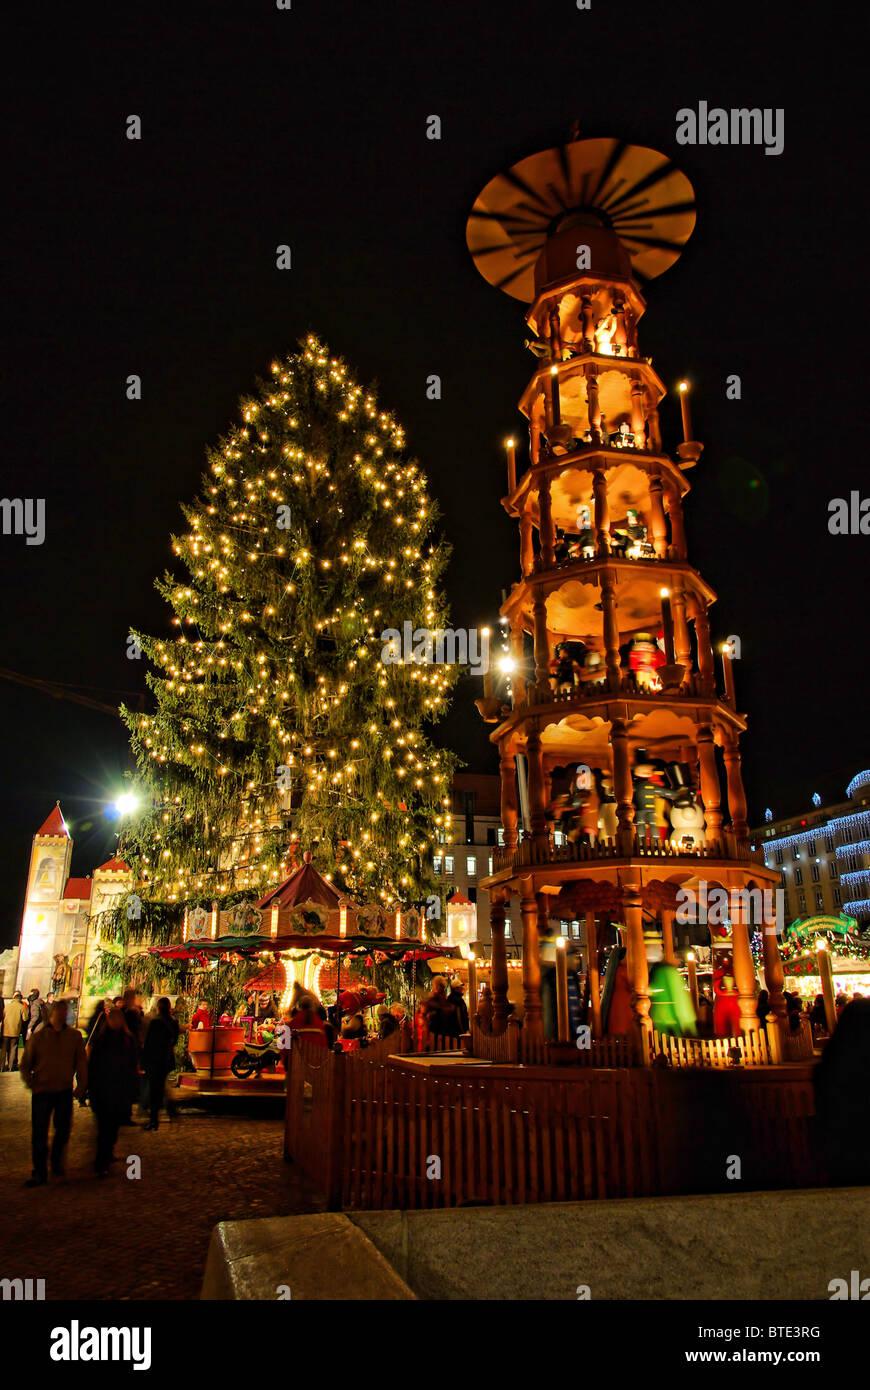 Weihnachtsmarkt In Dresden.Dresden Weihnachtsmarkt Dresden Christmas Market 01 Stock Photo